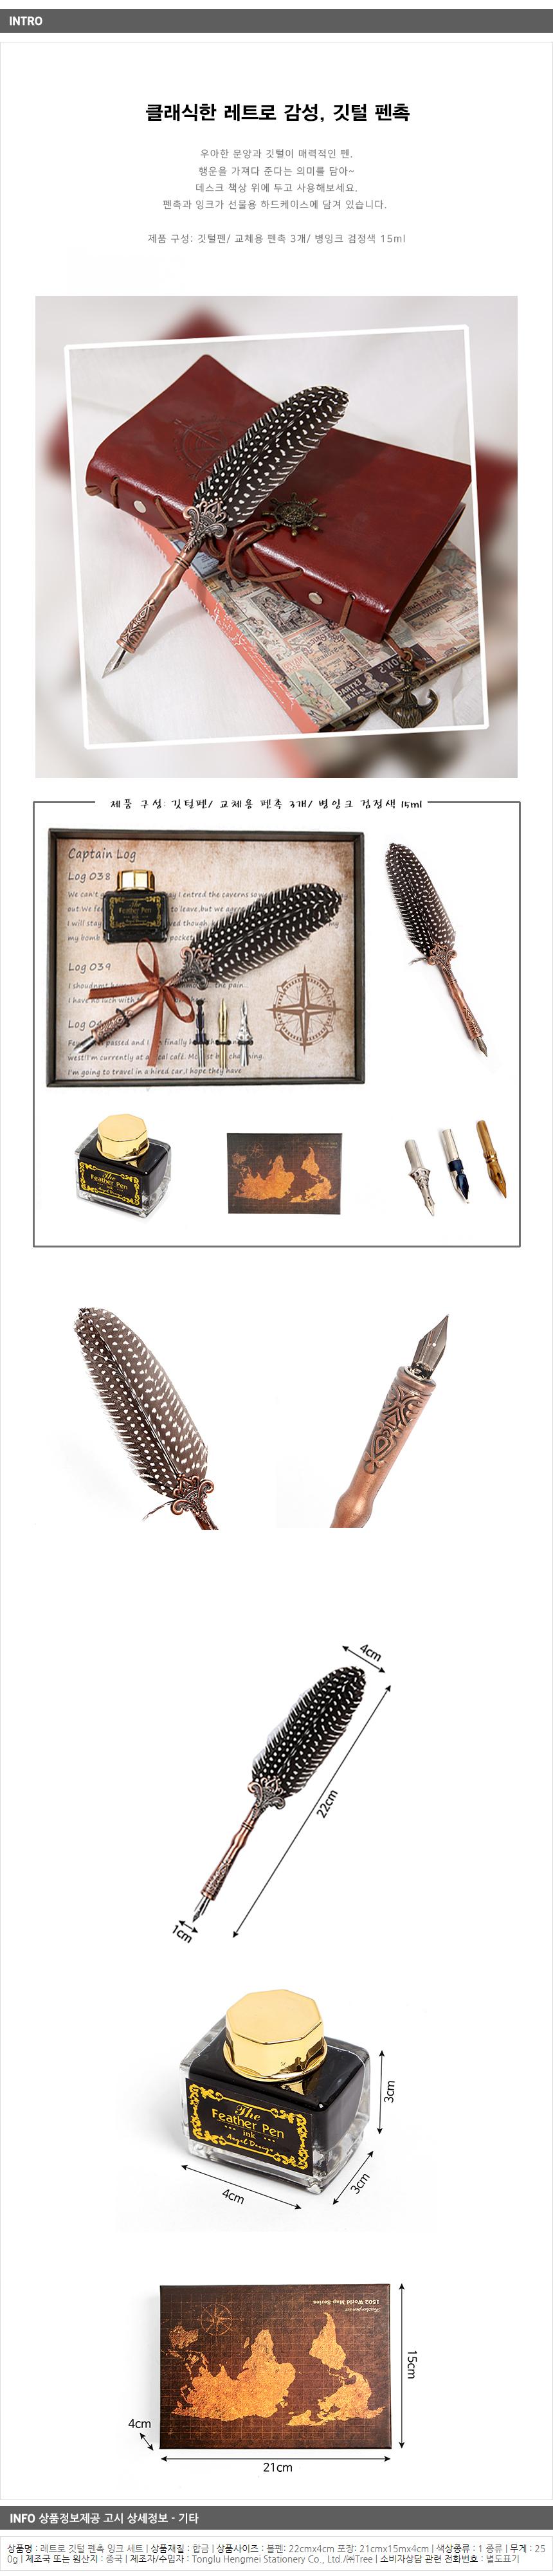 레트로 깃털펜세트/교체용 펜촉 잉크 만년필 - 기프트갓, 10,600원, 볼펜, 심플 볼펜